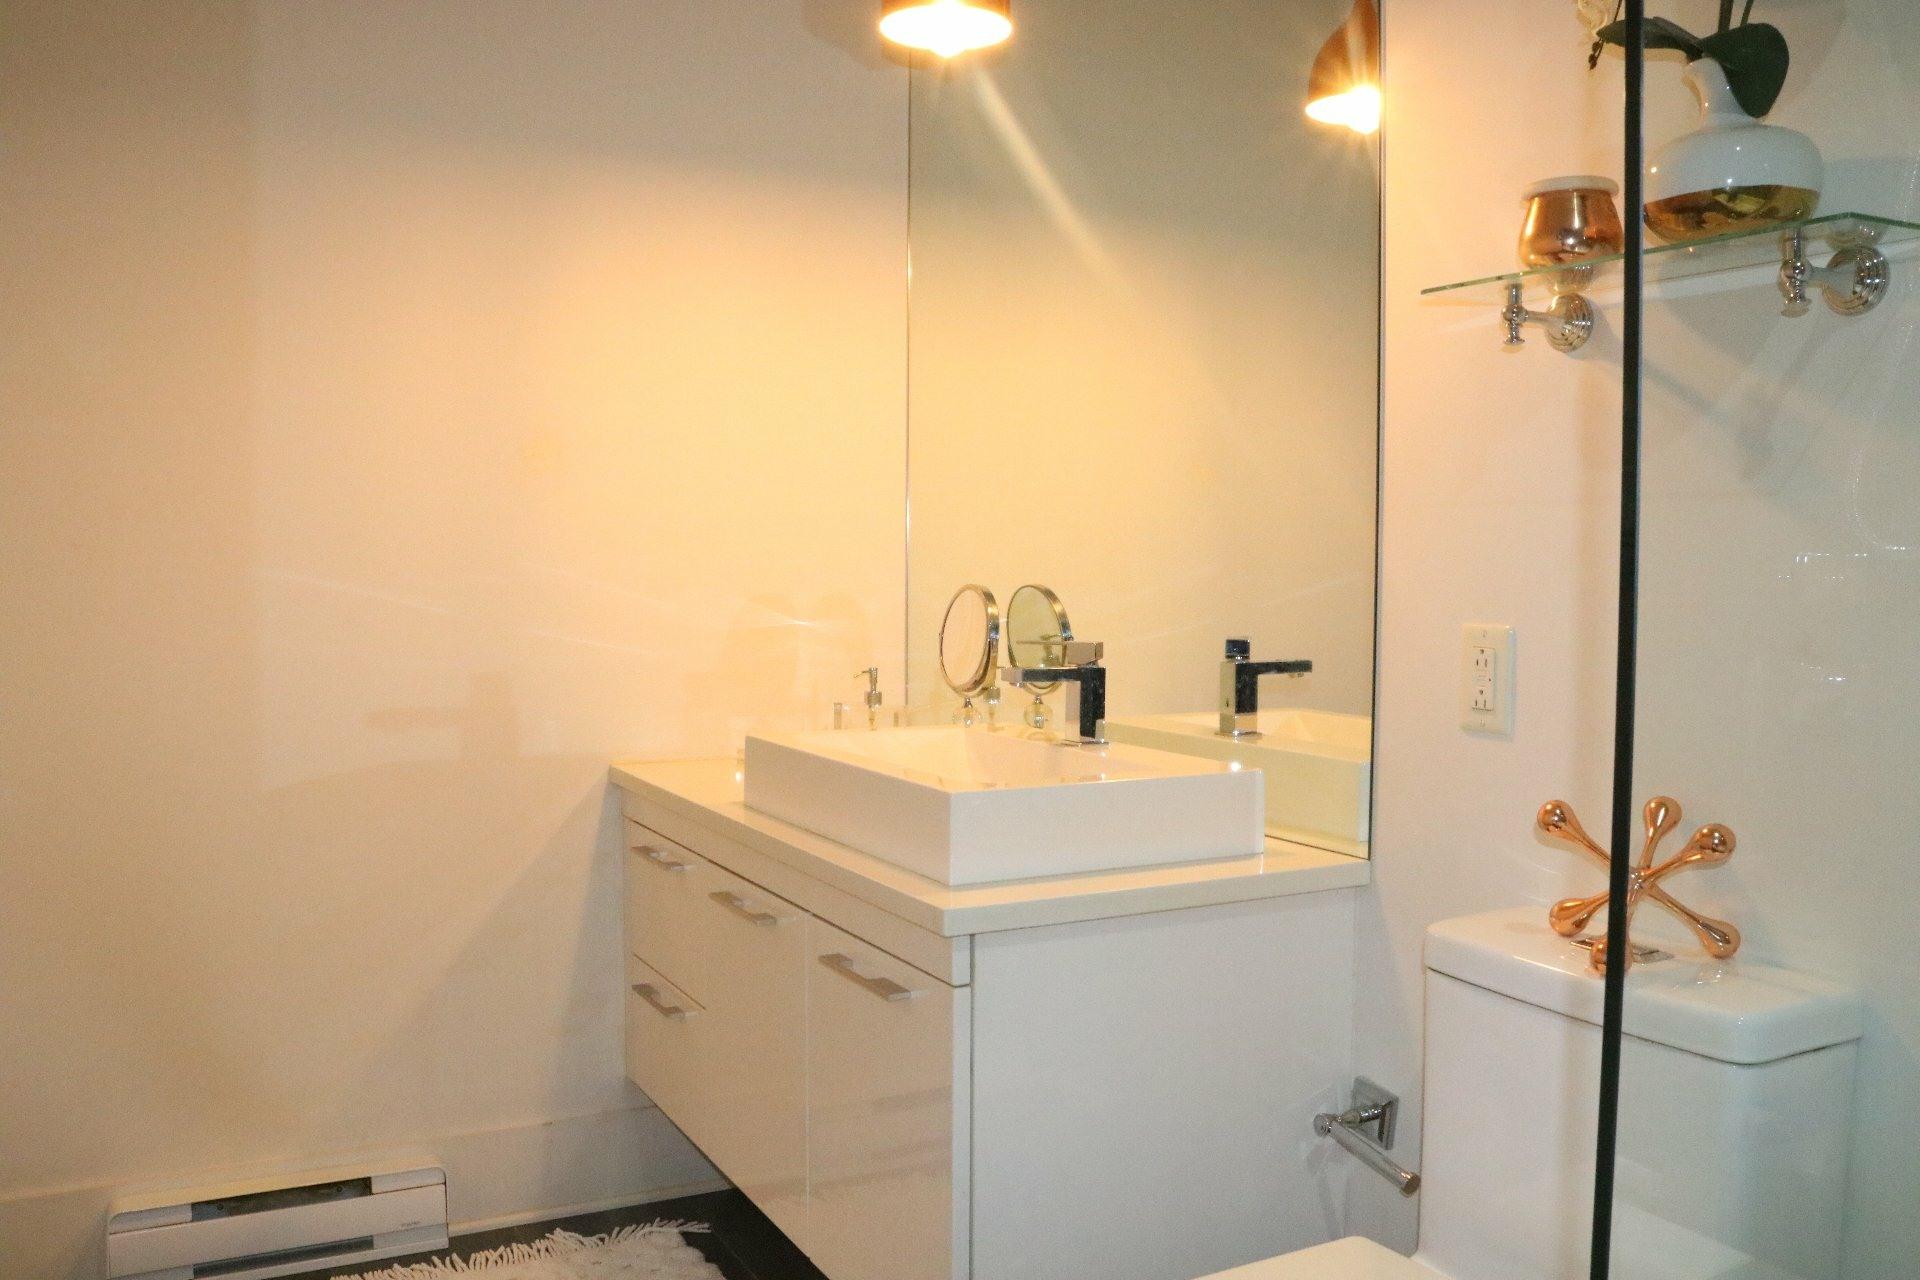 image 9 - Apartment For rent Ville-Marie Montréal  - 4 rooms